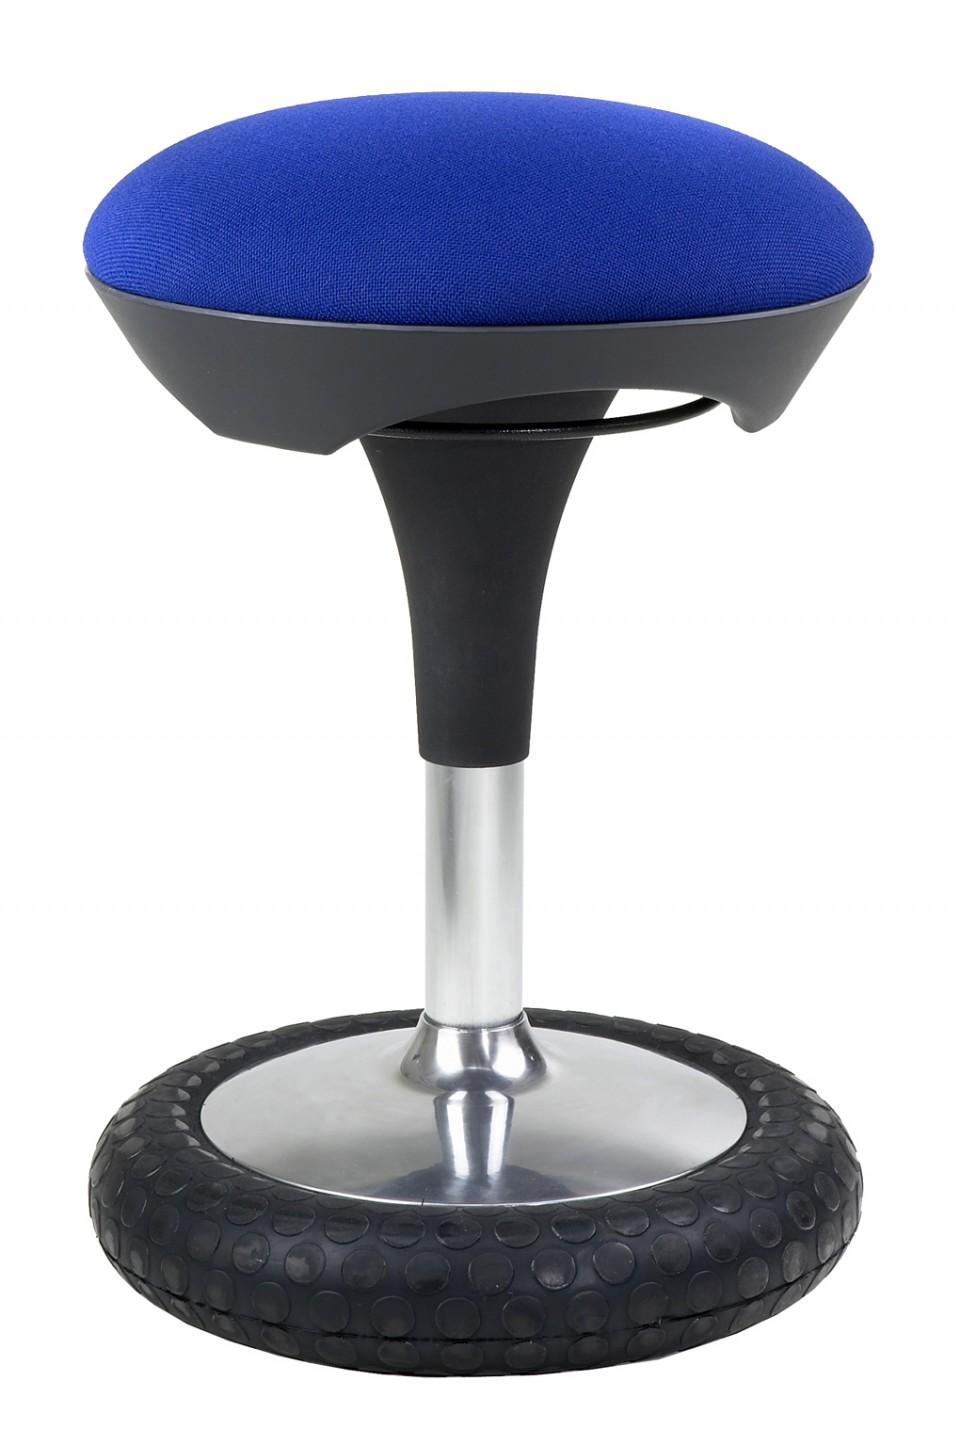 tabouret dynamique puma achat si ges dynamiques musclant 165 00. Black Bedroom Furniture Sets. Home Design Ideas